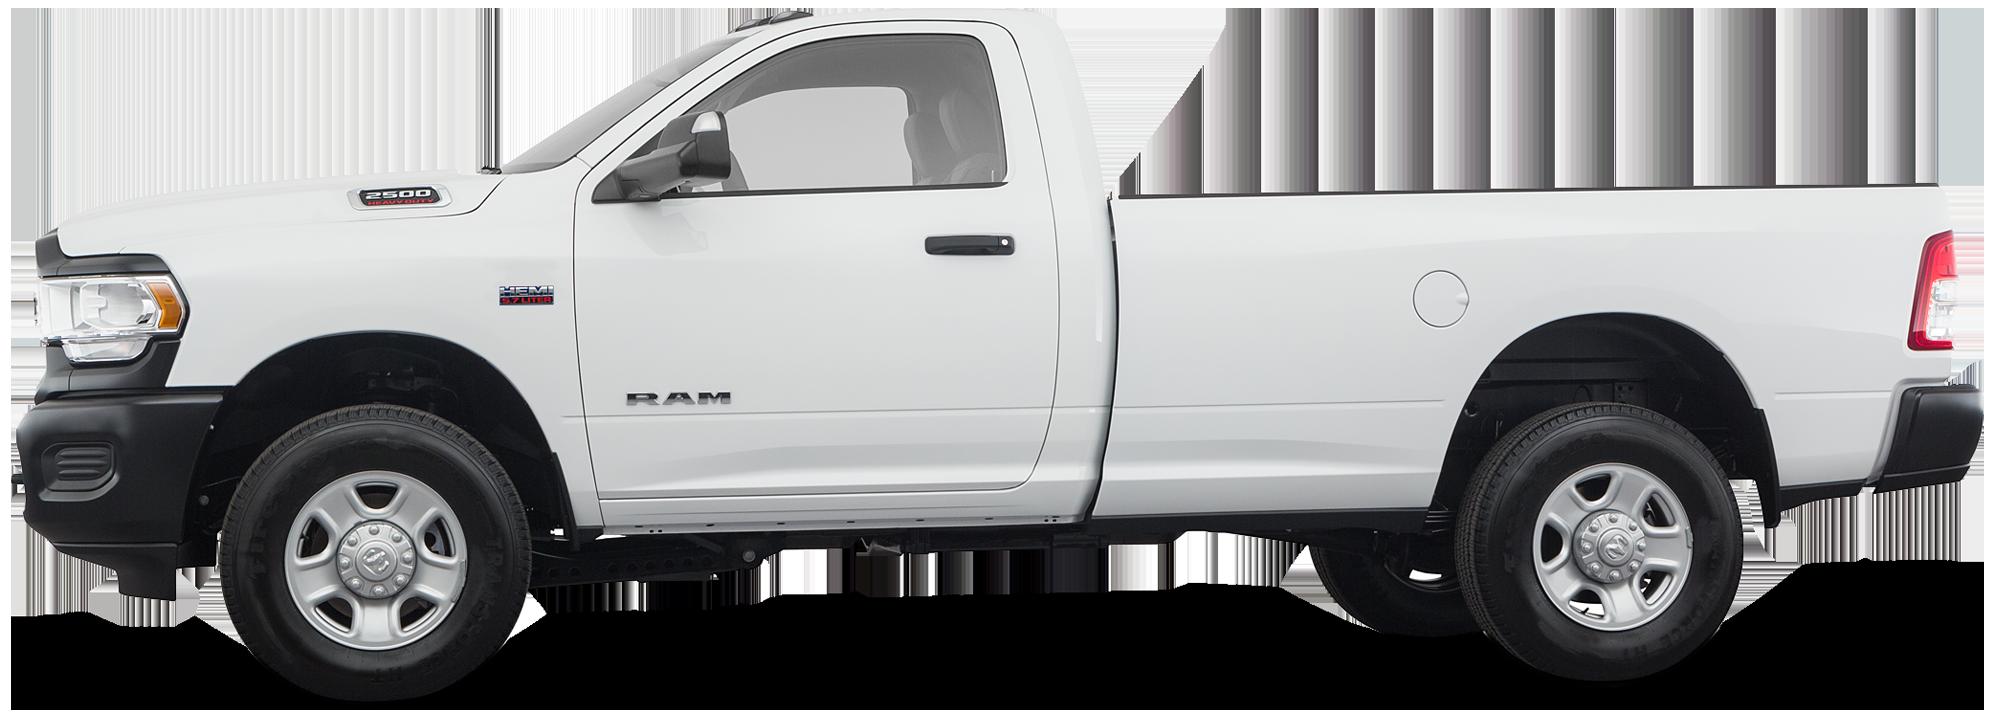 2020 Ram 2500 Camion Tradesman